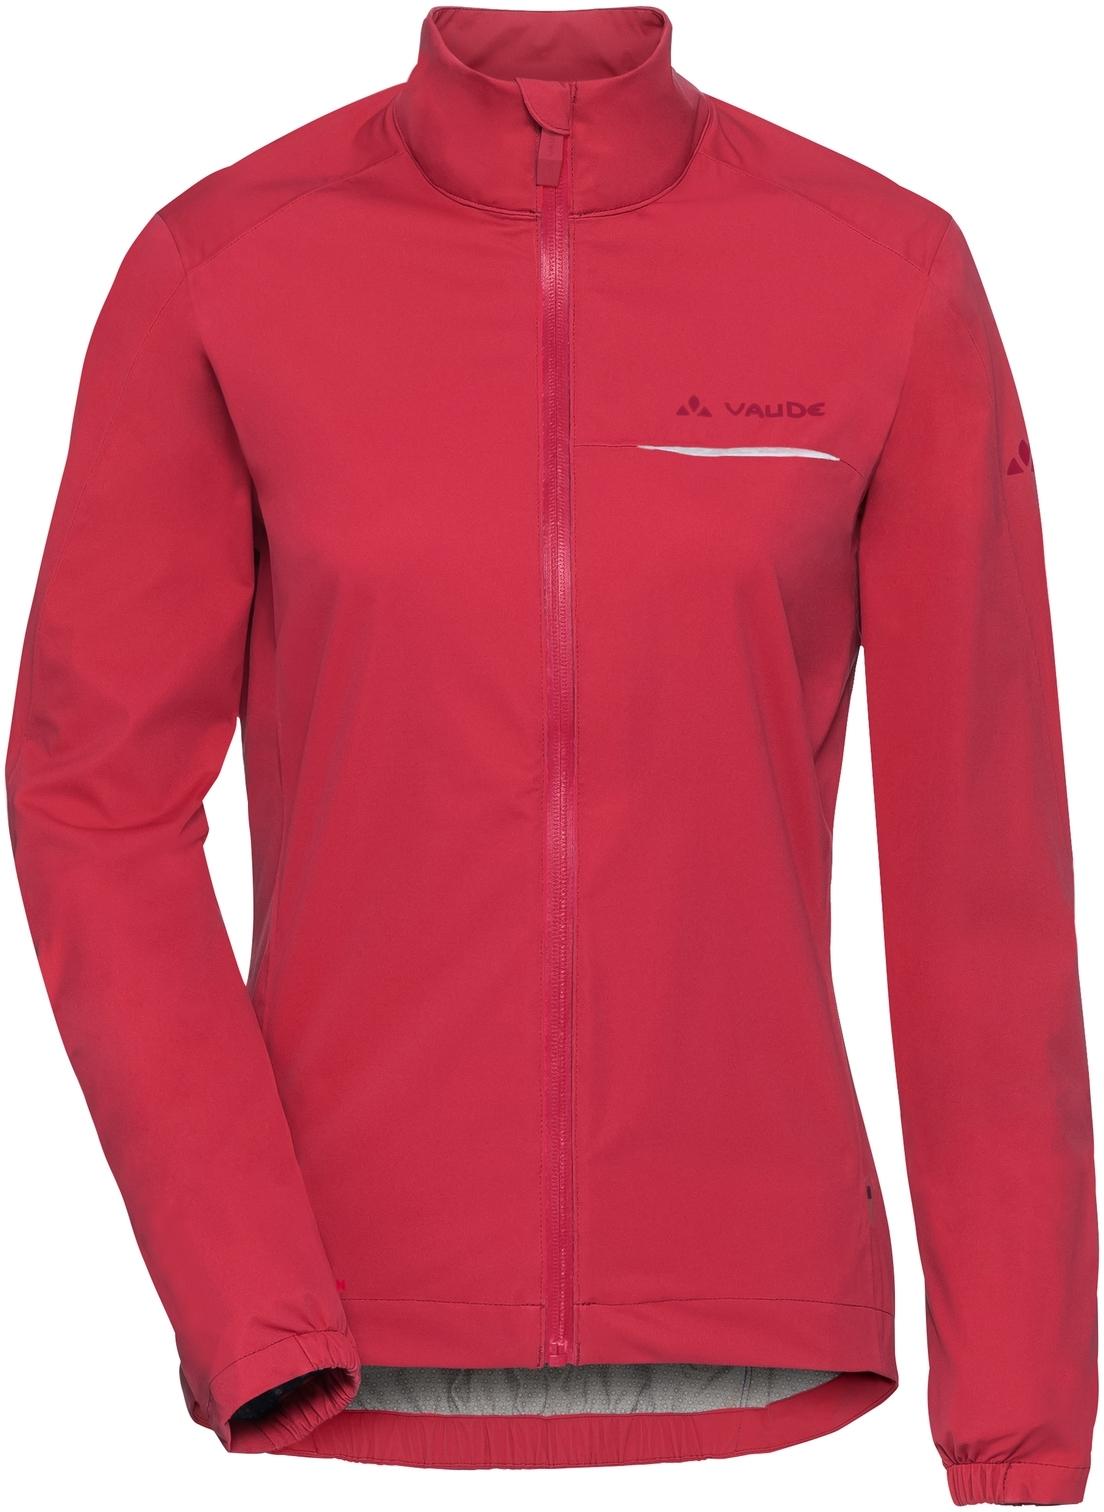 Vaude Women's Strone Jacket - strawberry 38